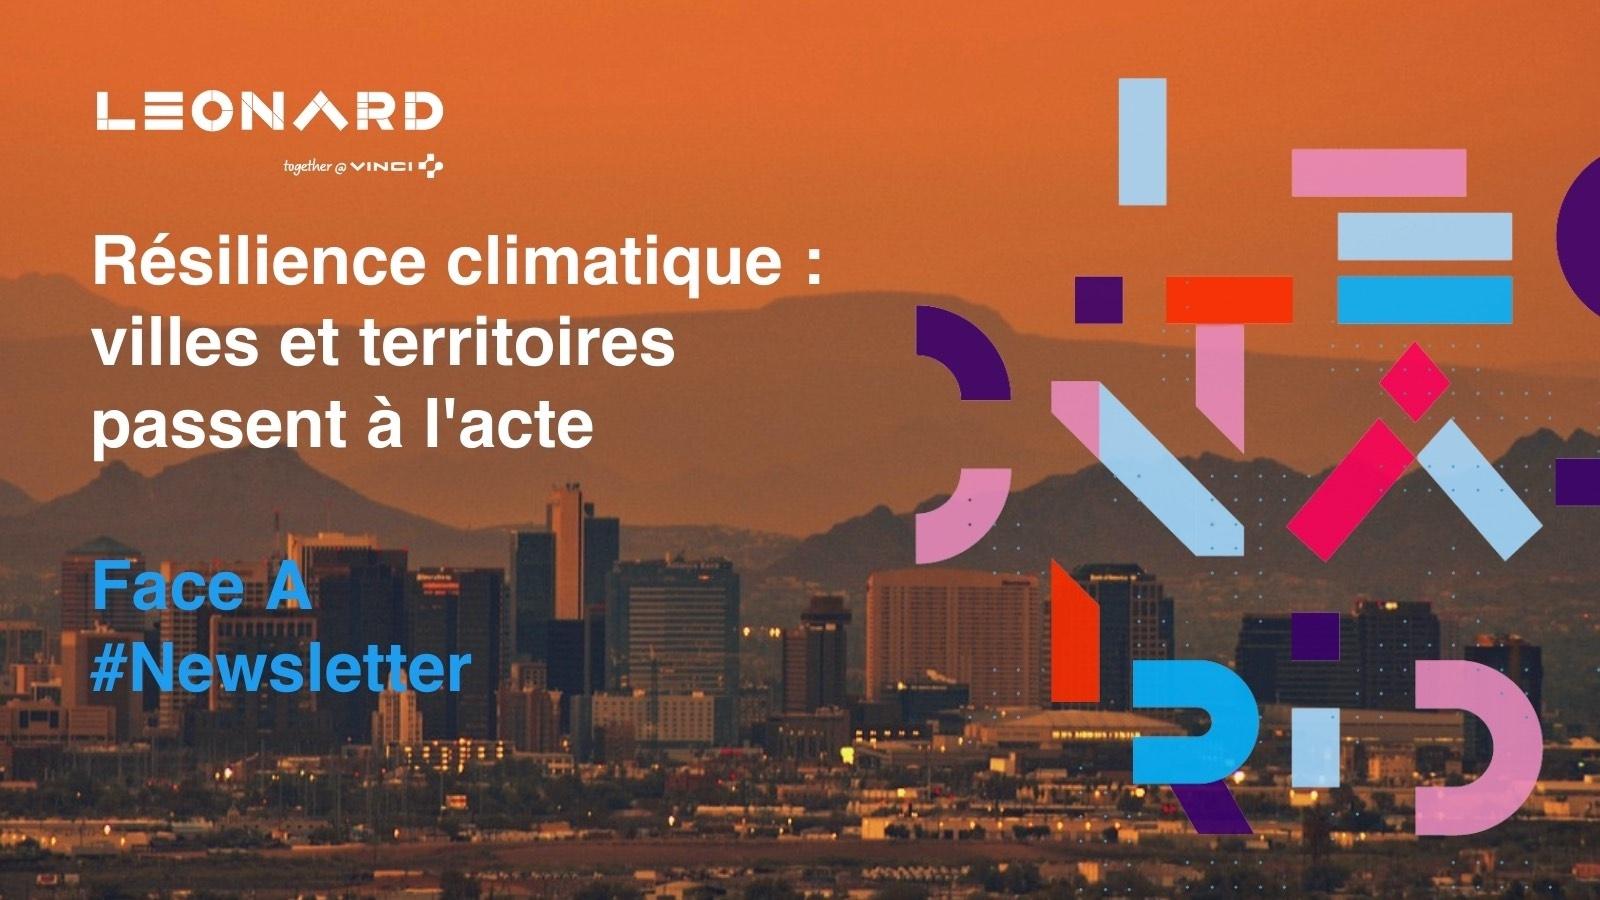 Newsletter «La résilience climatique : villes et territoires passent à l'acte»